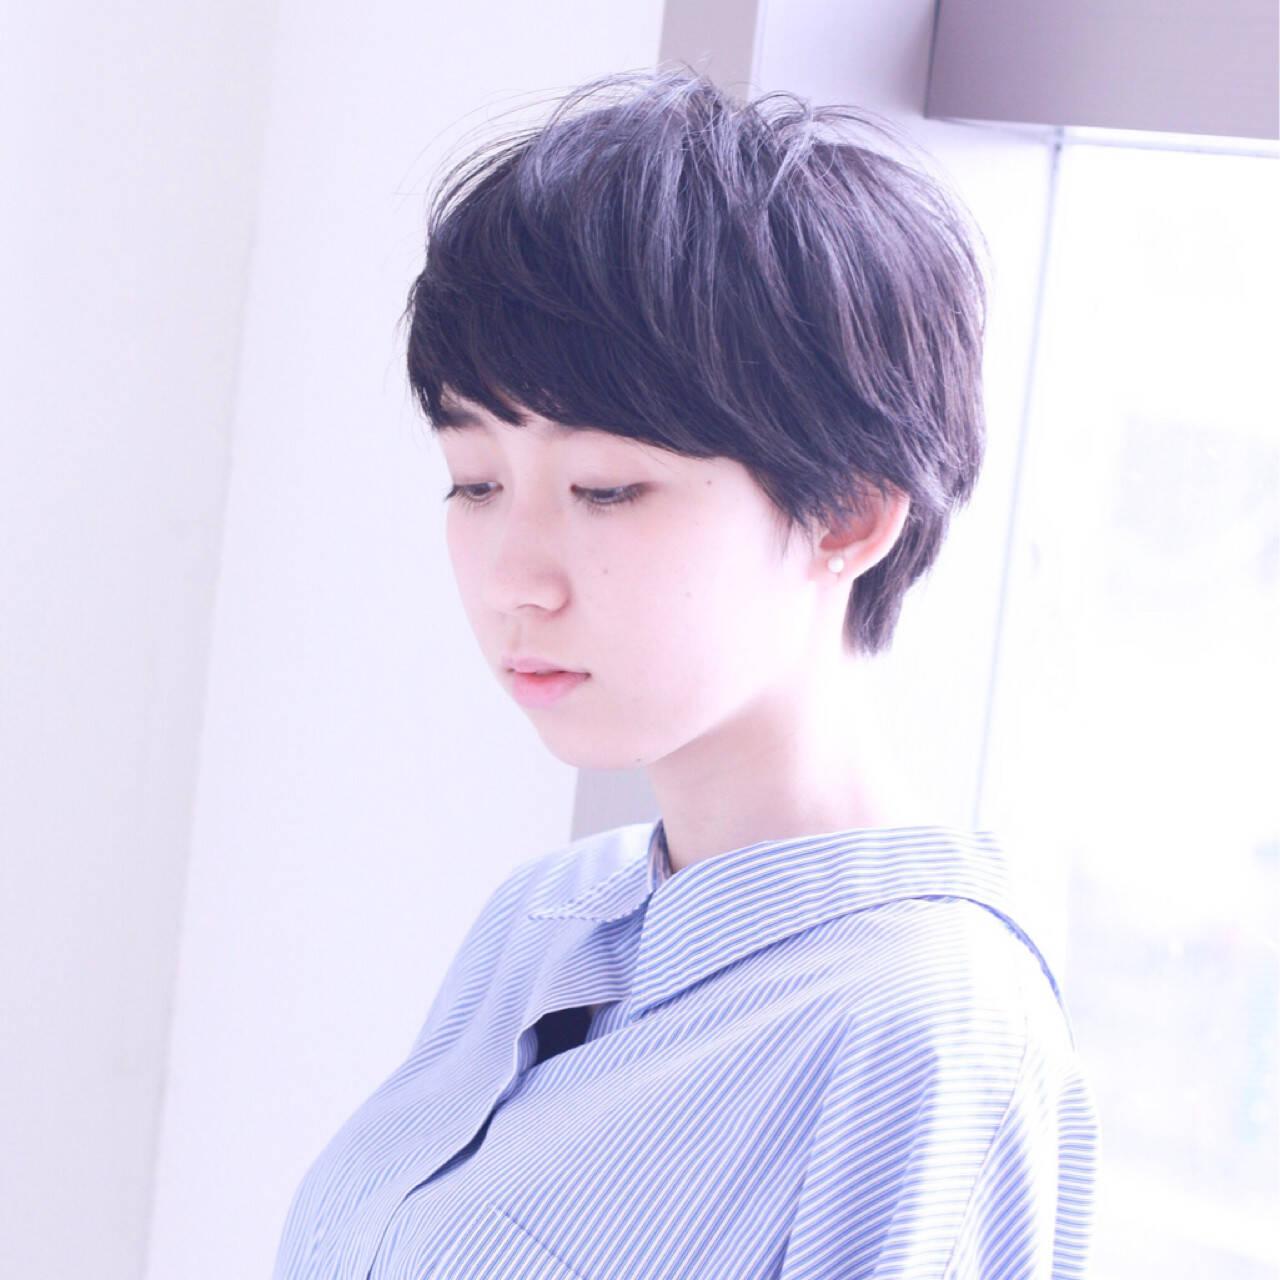 ショート 黒髪 ナチュラル ピュアヘアスタイルや髪型の写真・画像